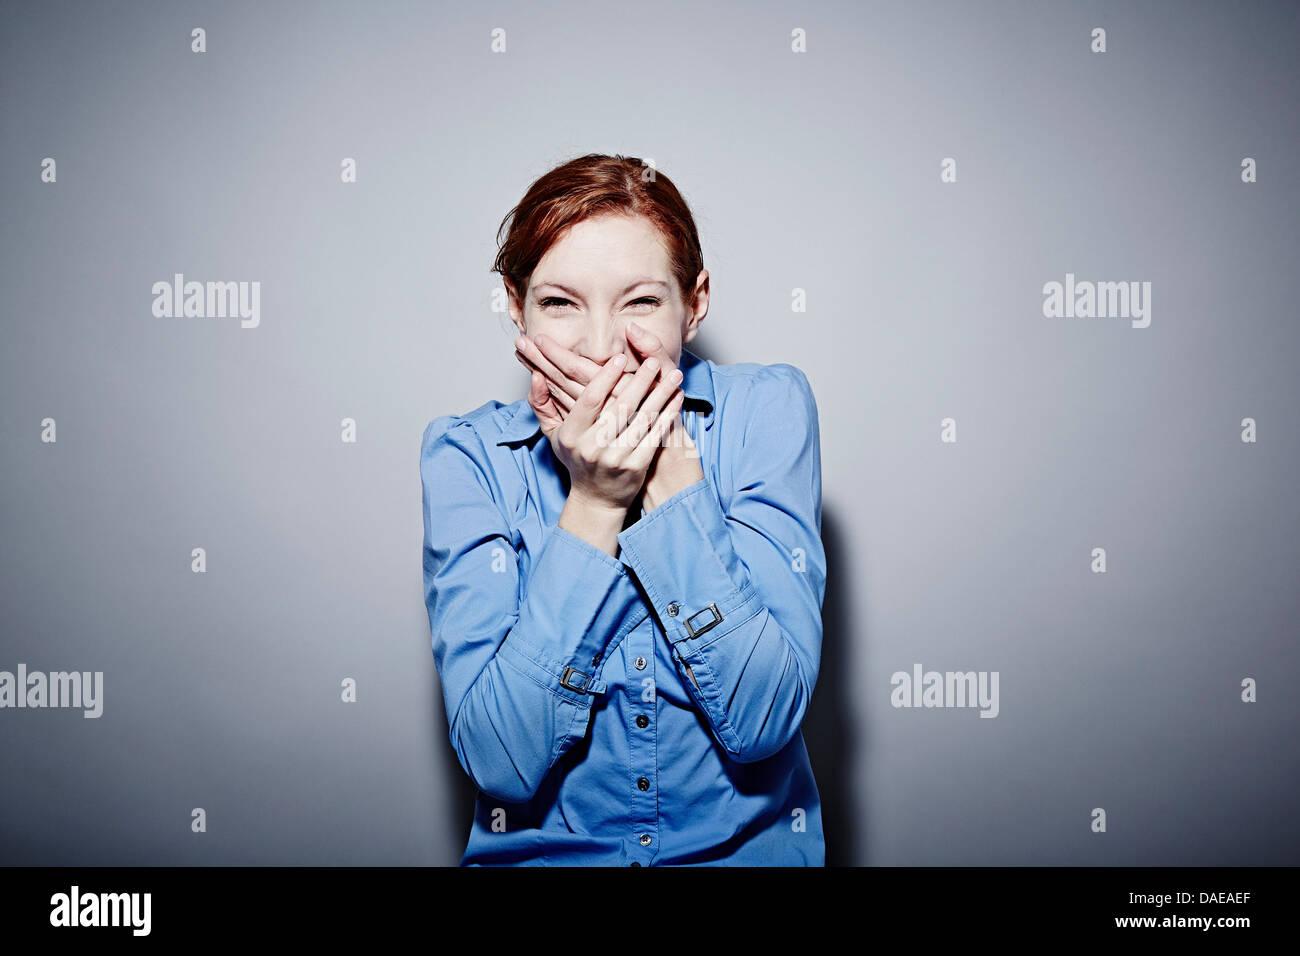 Retrato de estudio de joven riendo Imagen De Stock